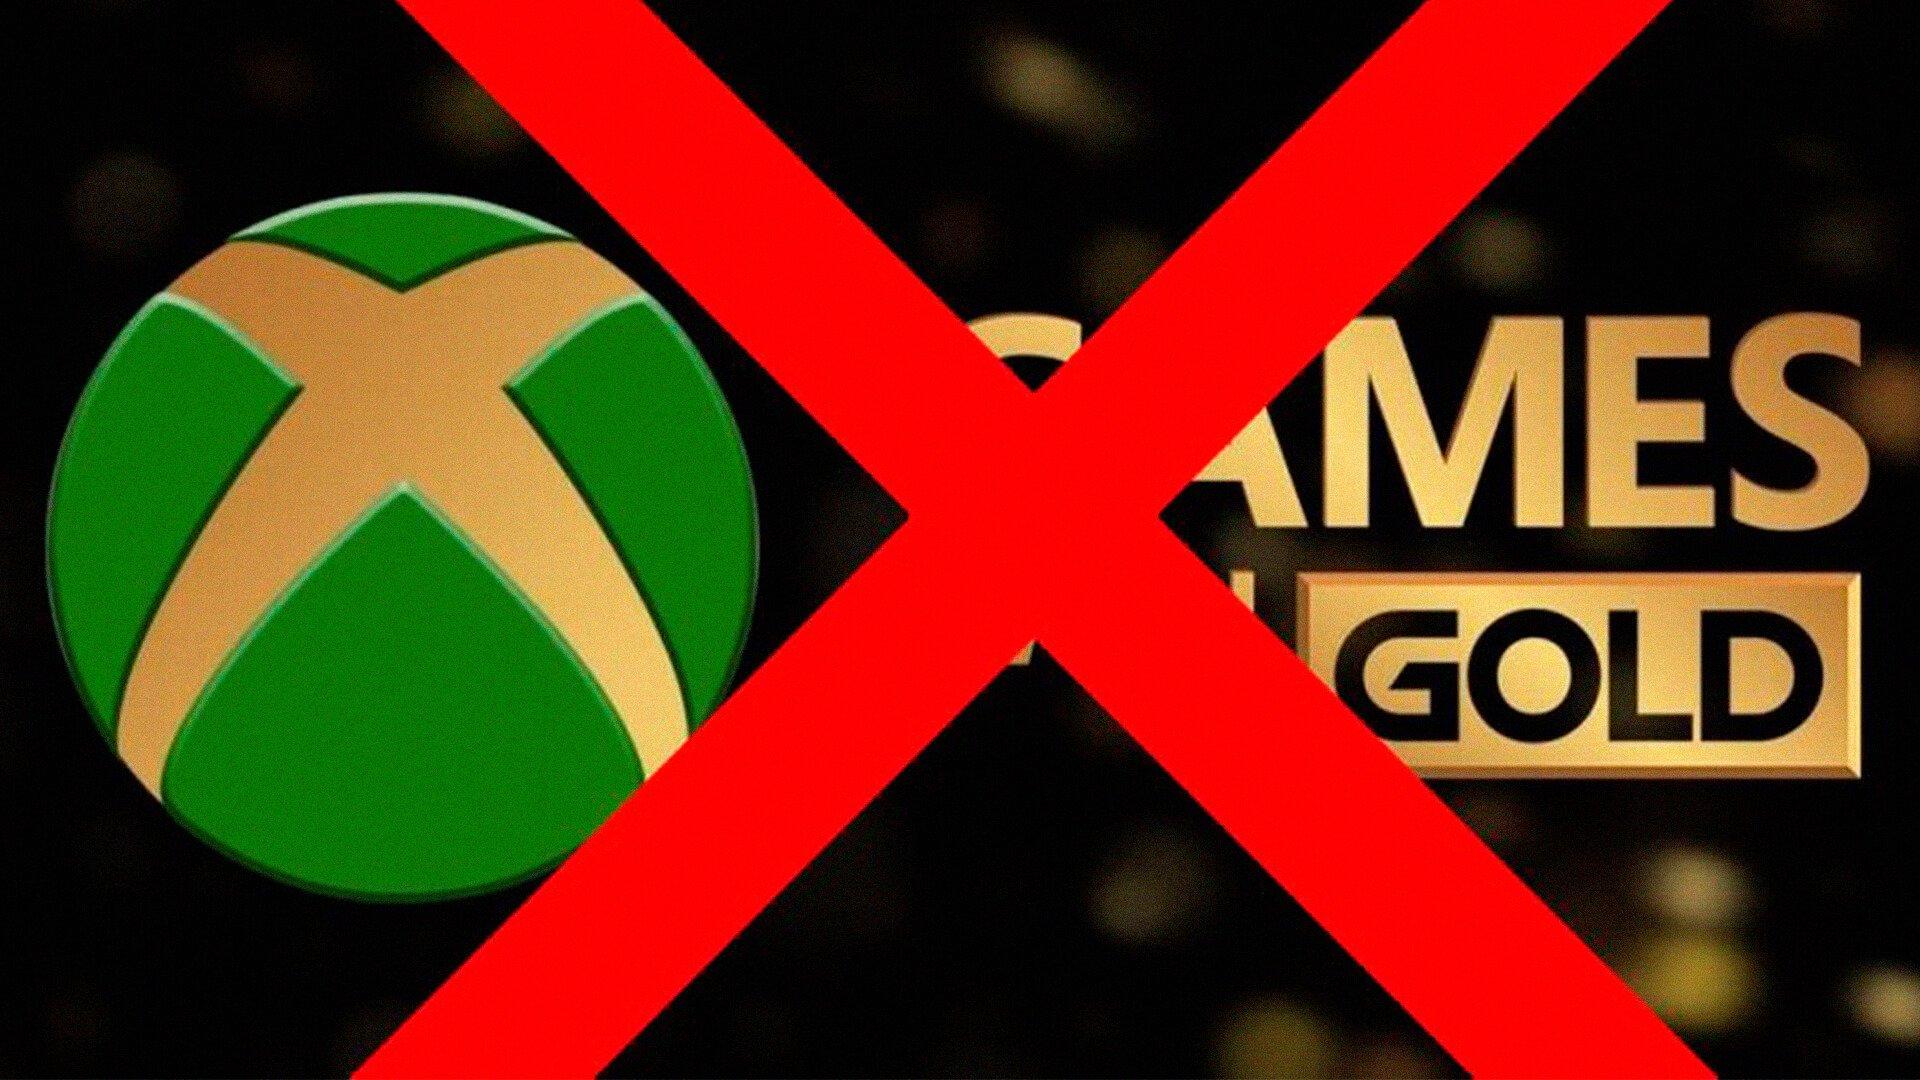 Muitos ficaram surpresos quando a Microsoft removeu misteriosamente a opção de comprar assinaturas Xbox Live Gold de 12 meses.